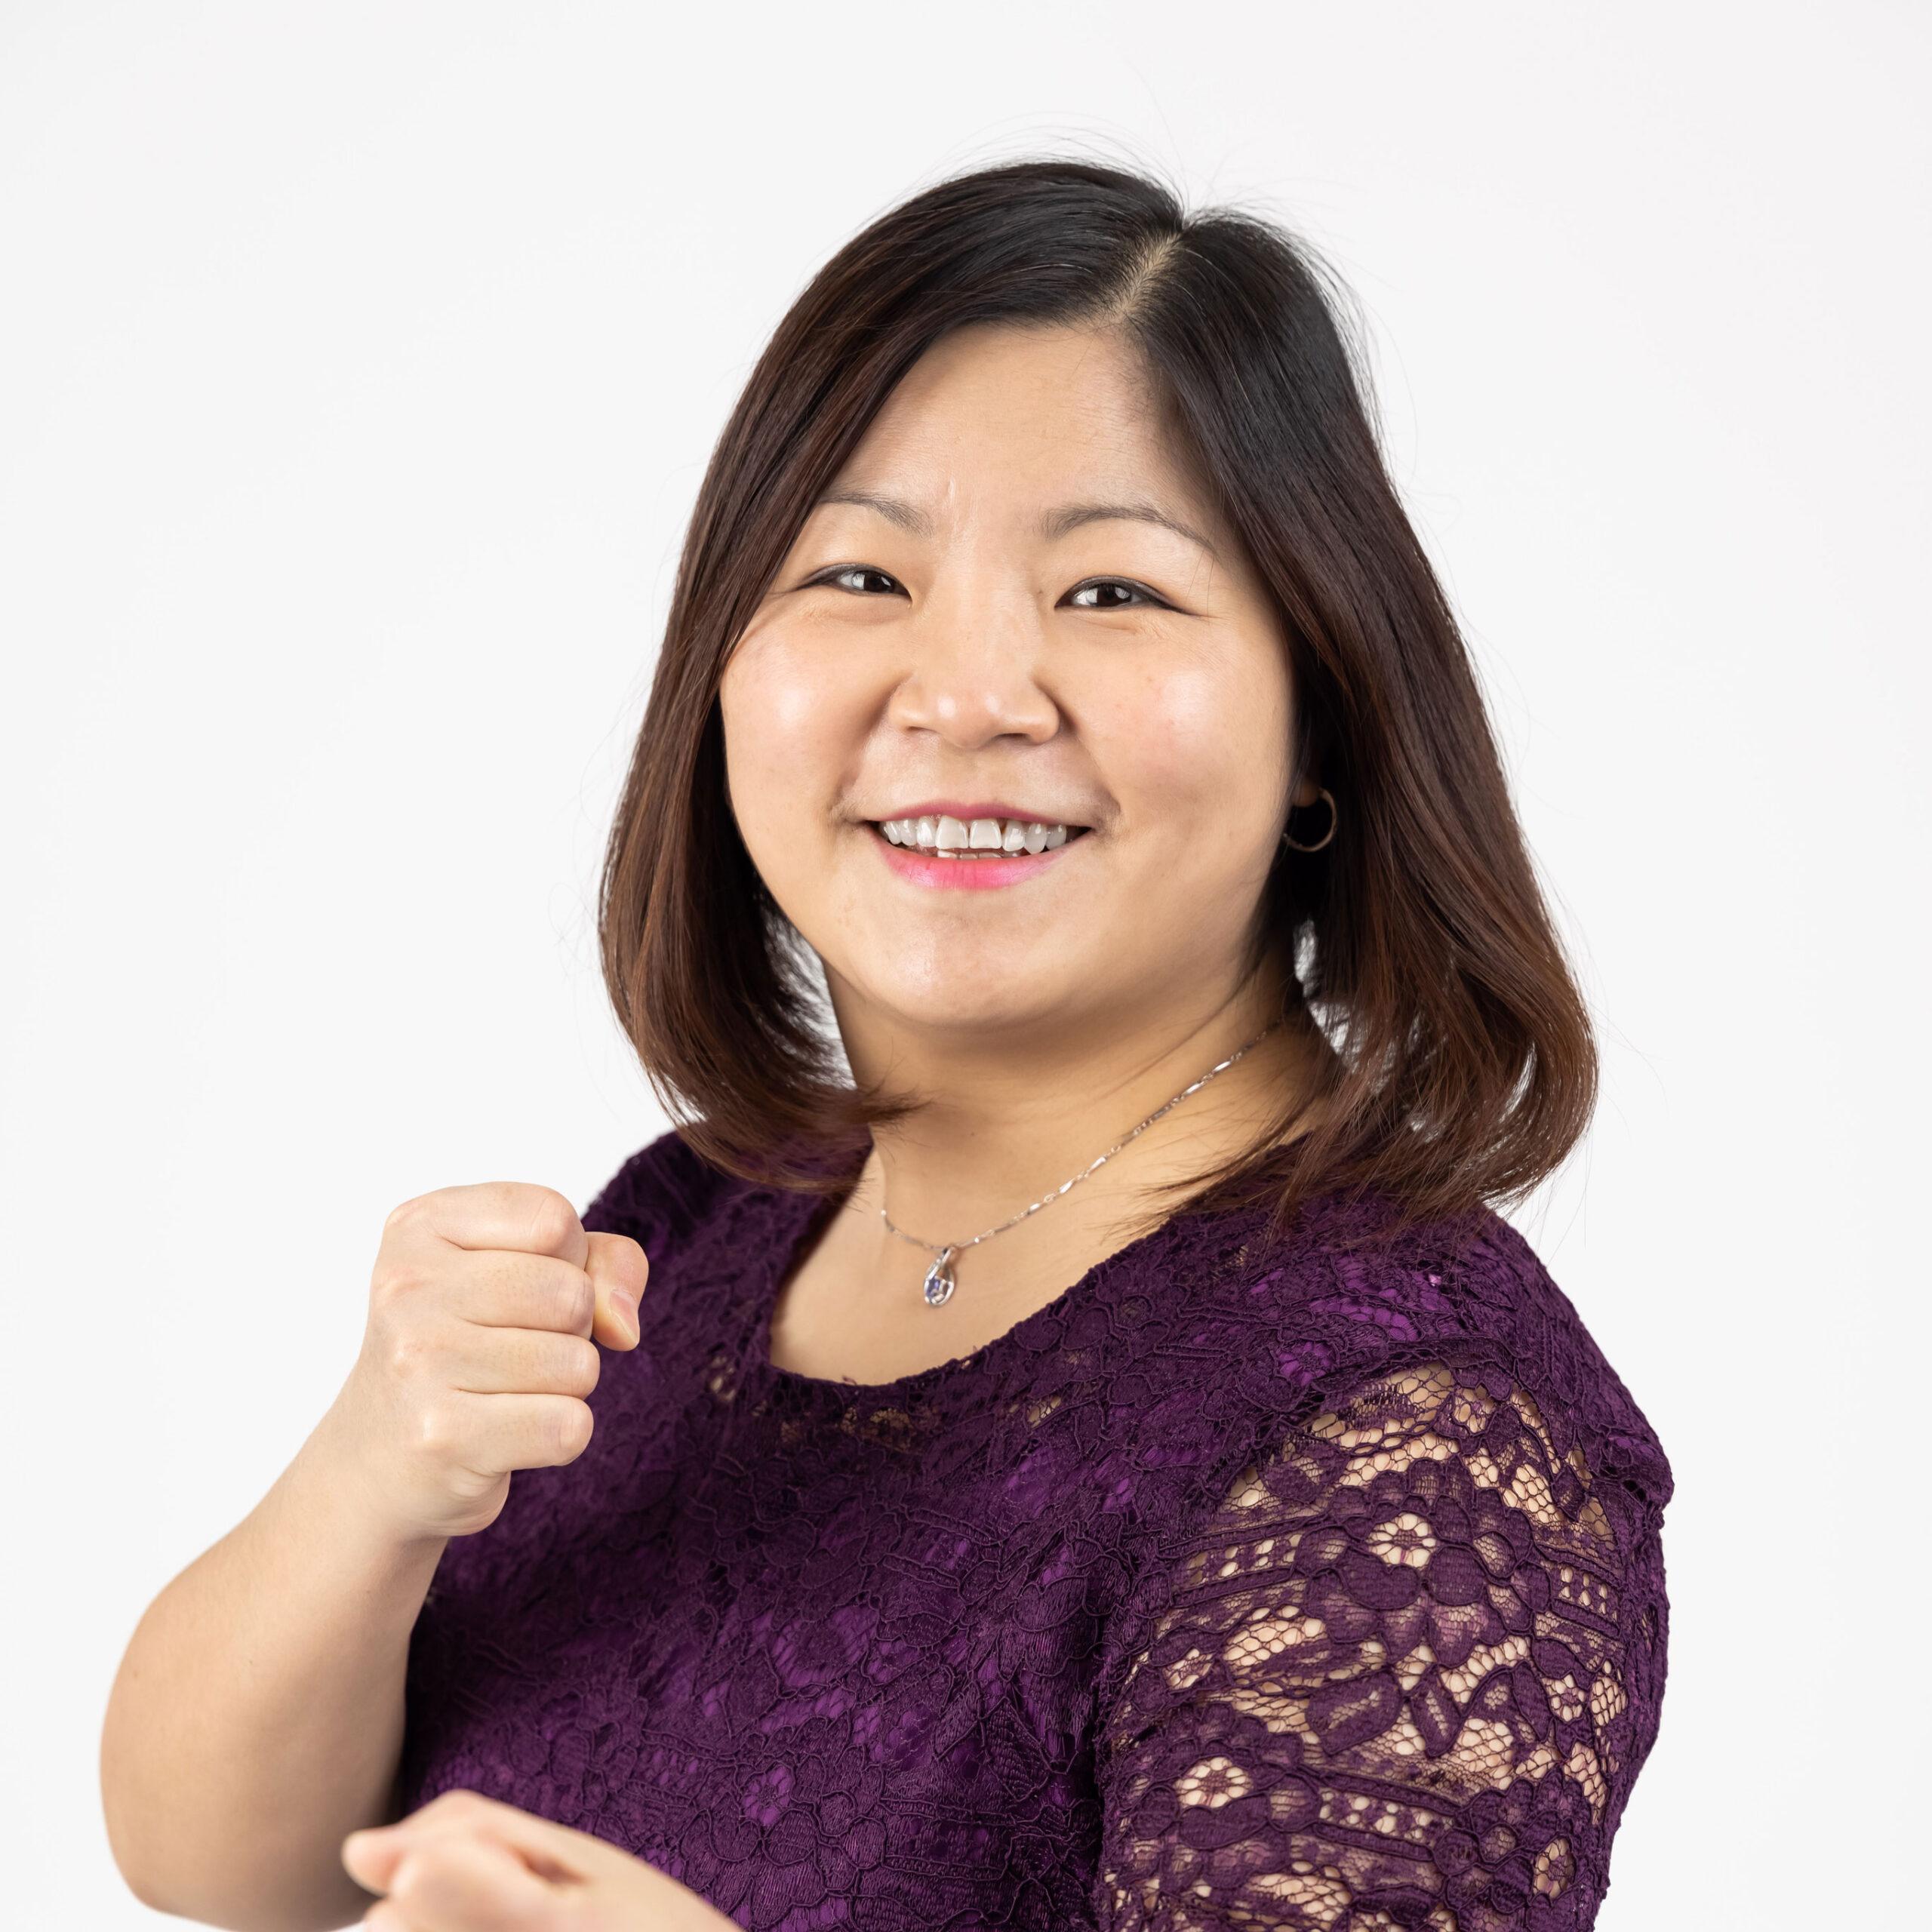 Connie Guo